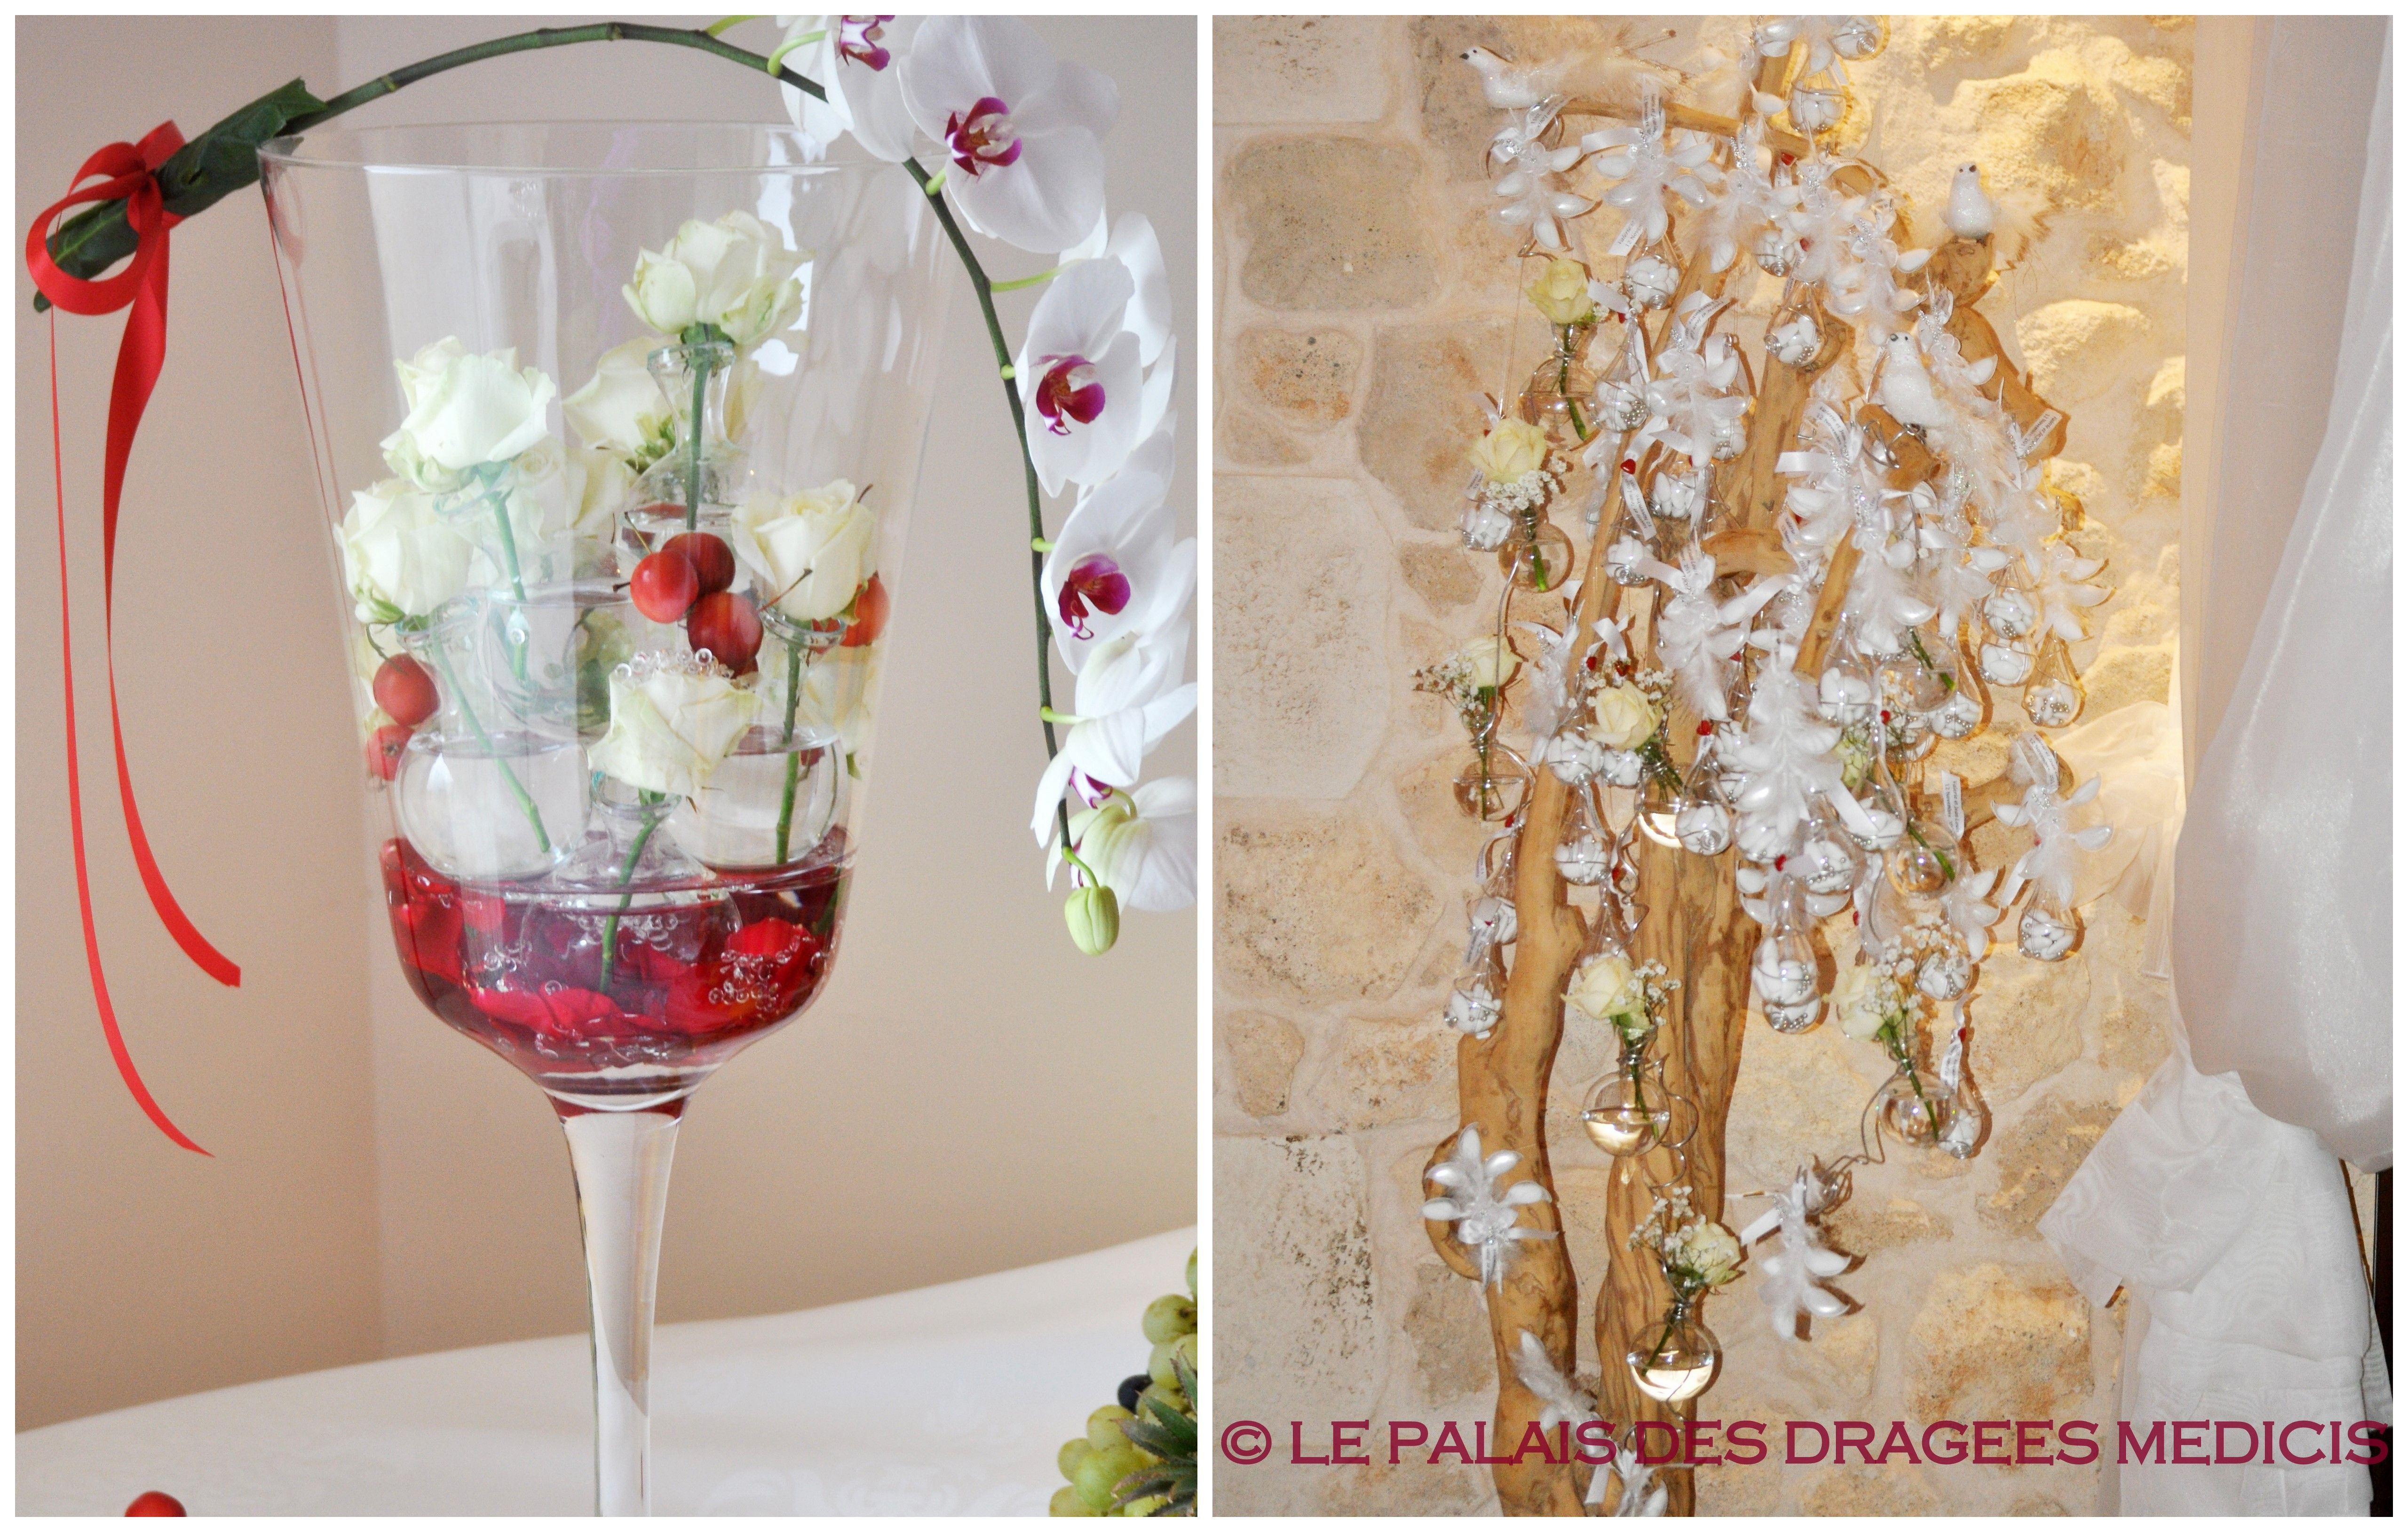 Arbre à dragées décor romantique, ballotin de dragées en forme de fleur pour un mariage chic